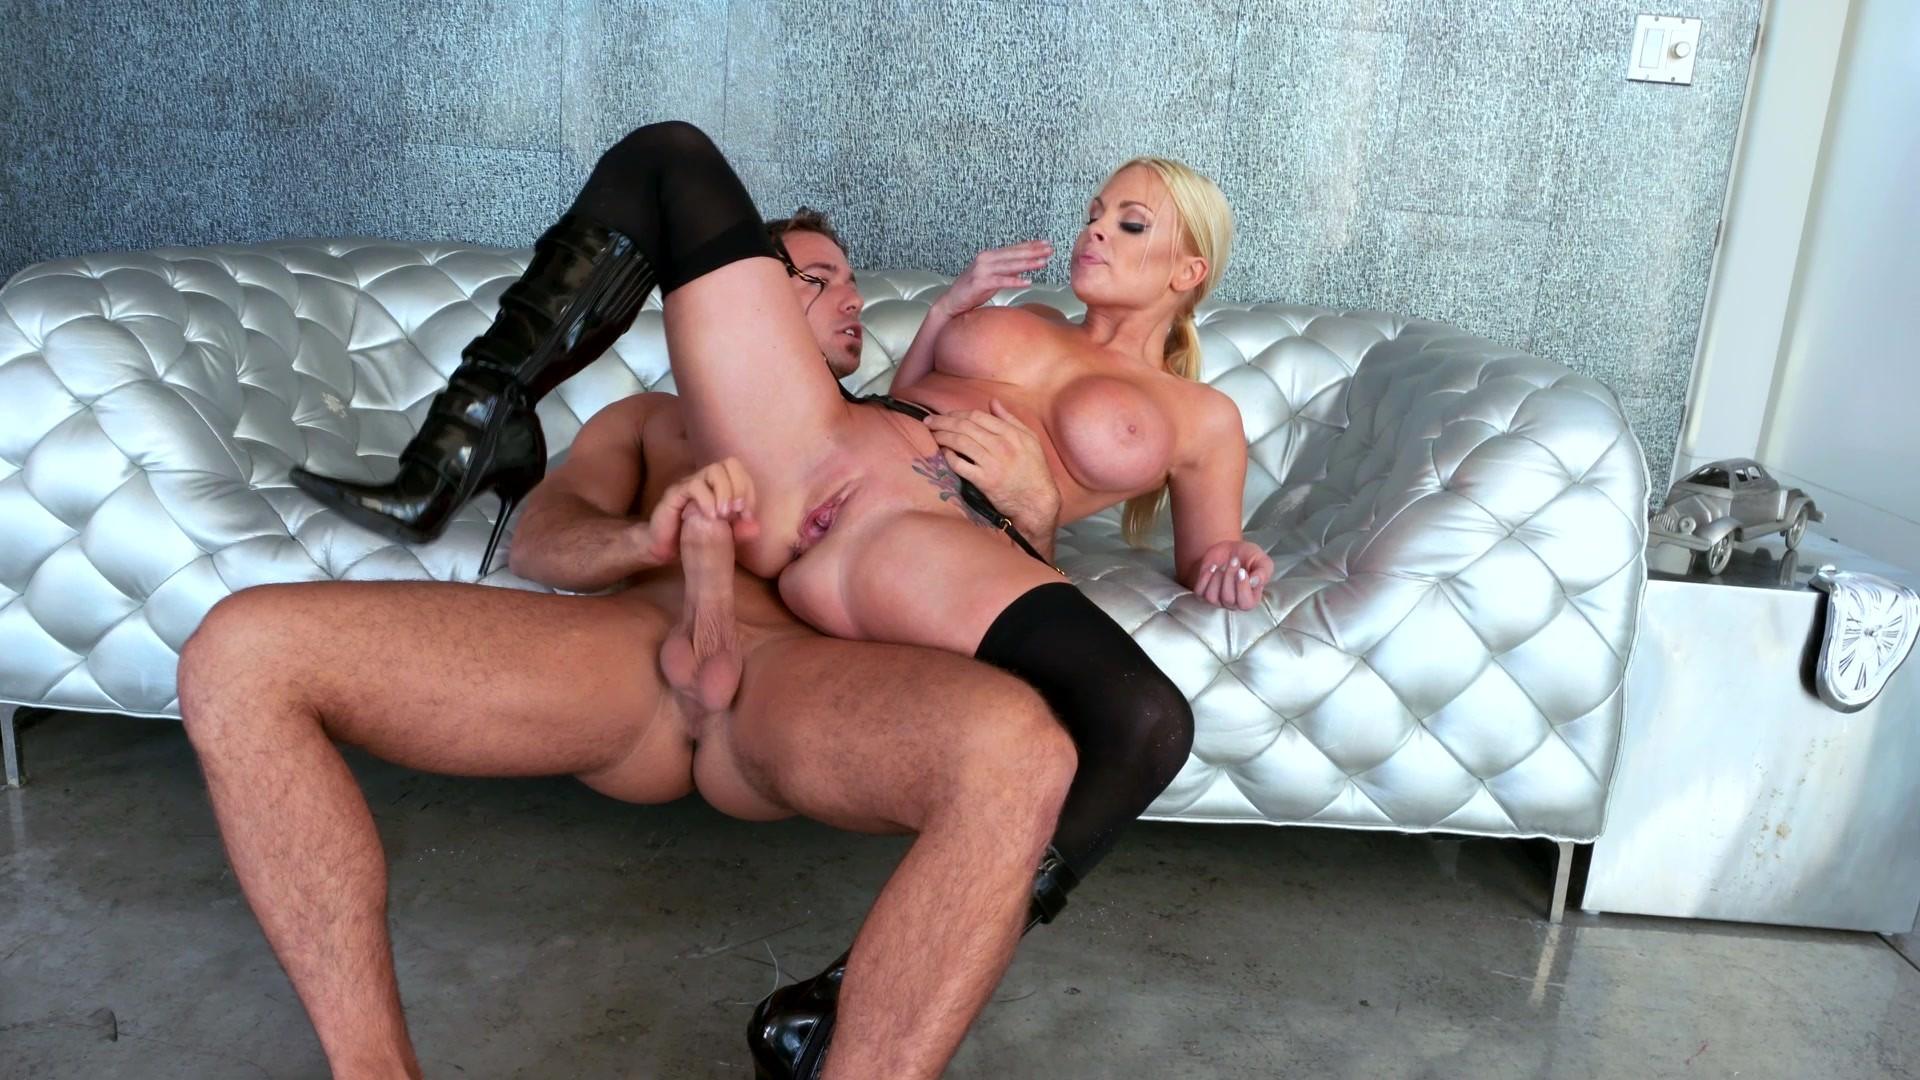 Порно ролики jesse jane бесплатно